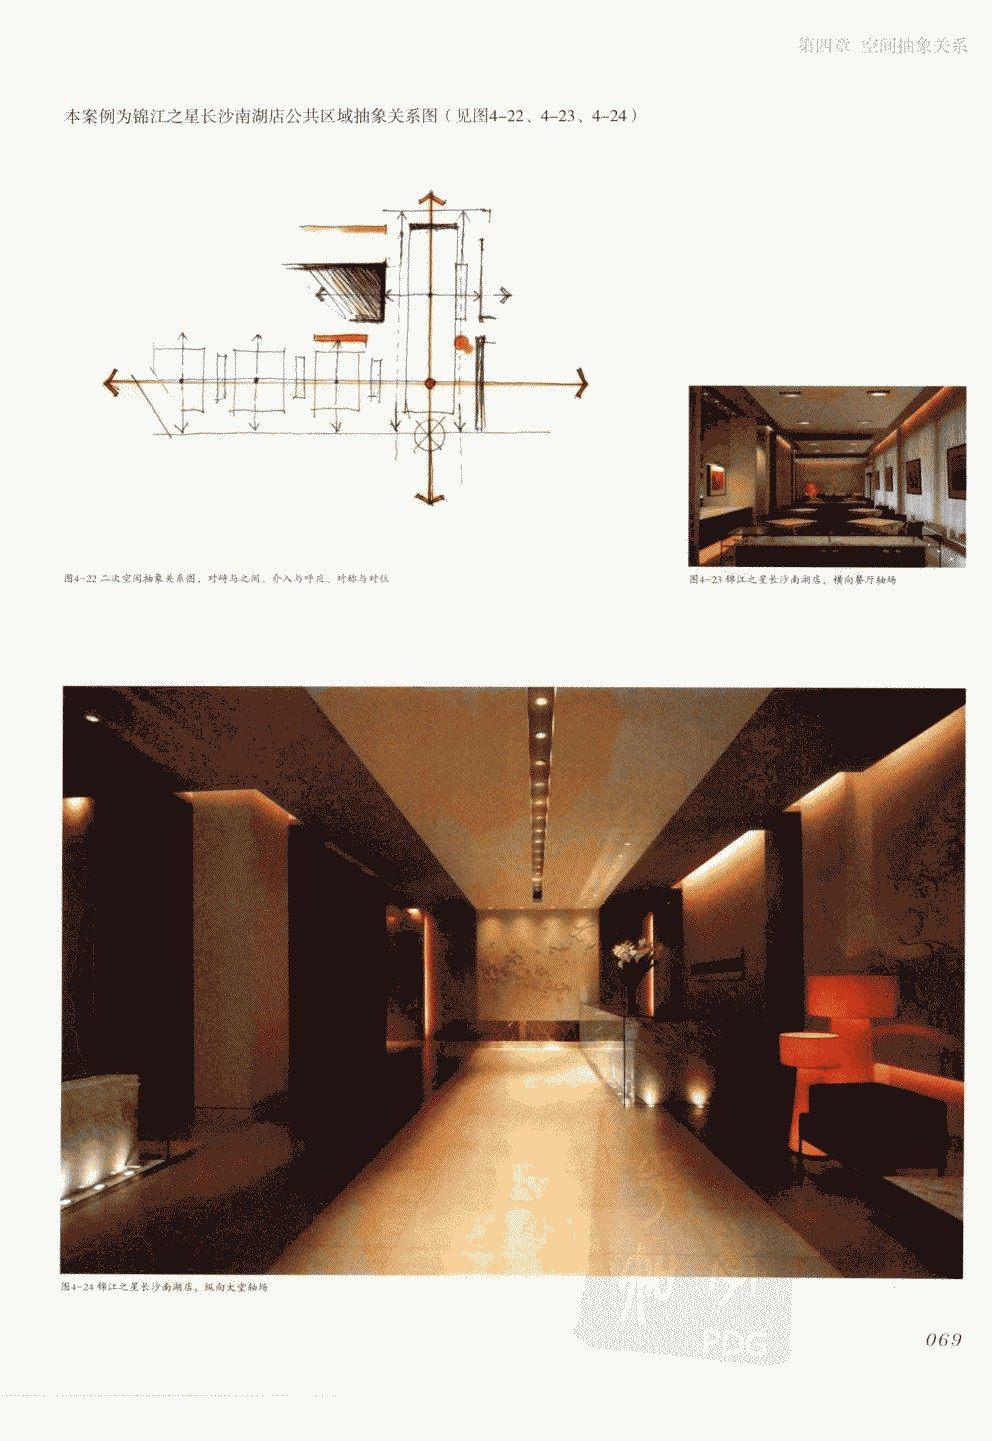 室内设计纲要++概念思考与过程表达_室内设计纲要  概念思考与过程表达_1297982..._页面_077.jpg